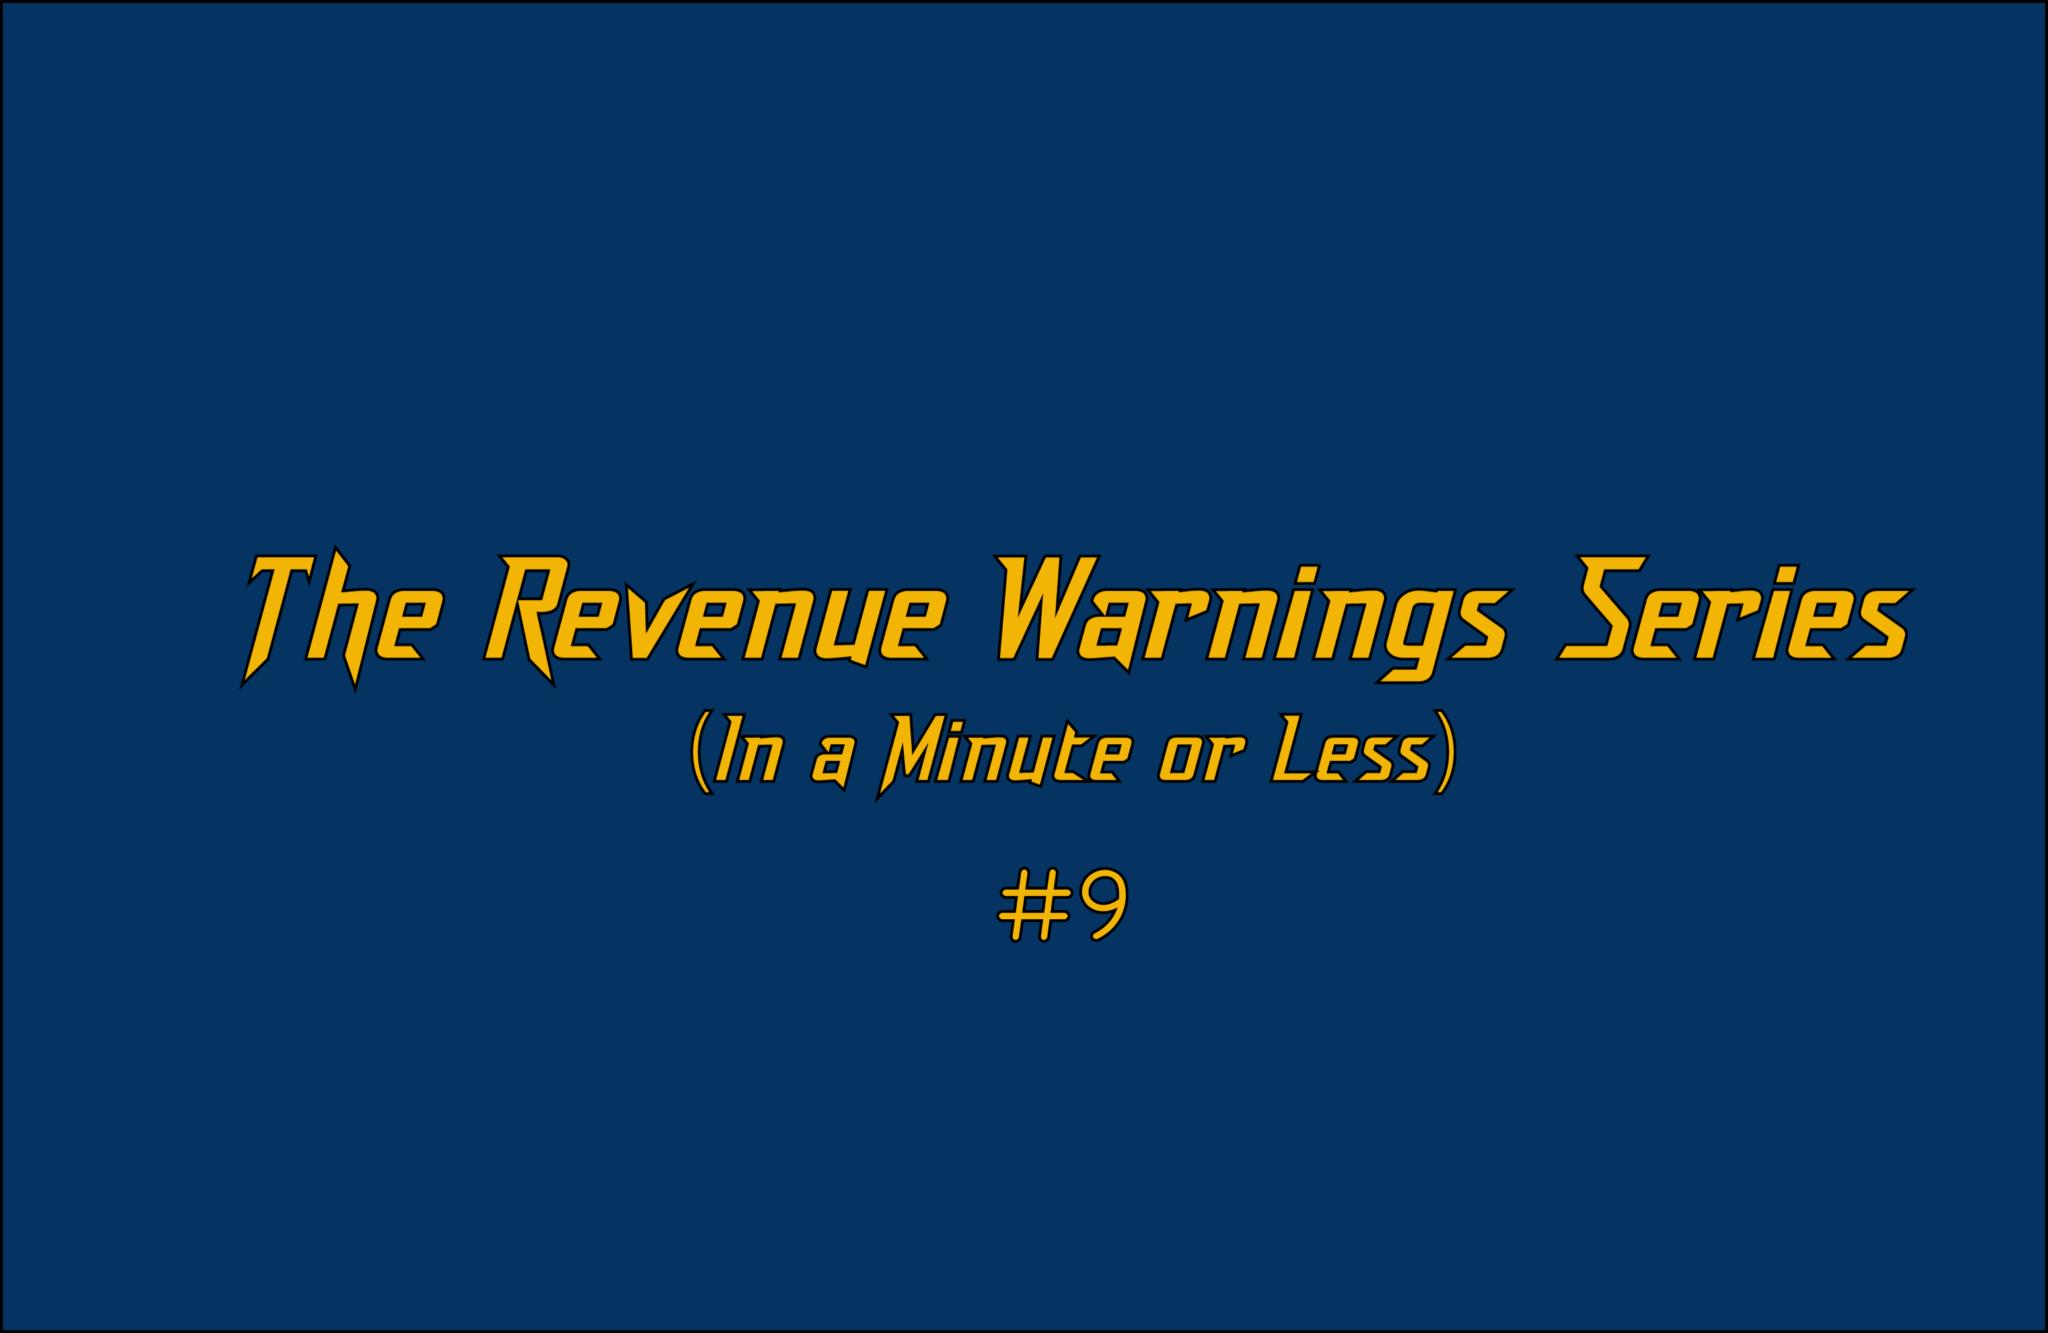 Revenue Warning #9: Don't Pivot #4